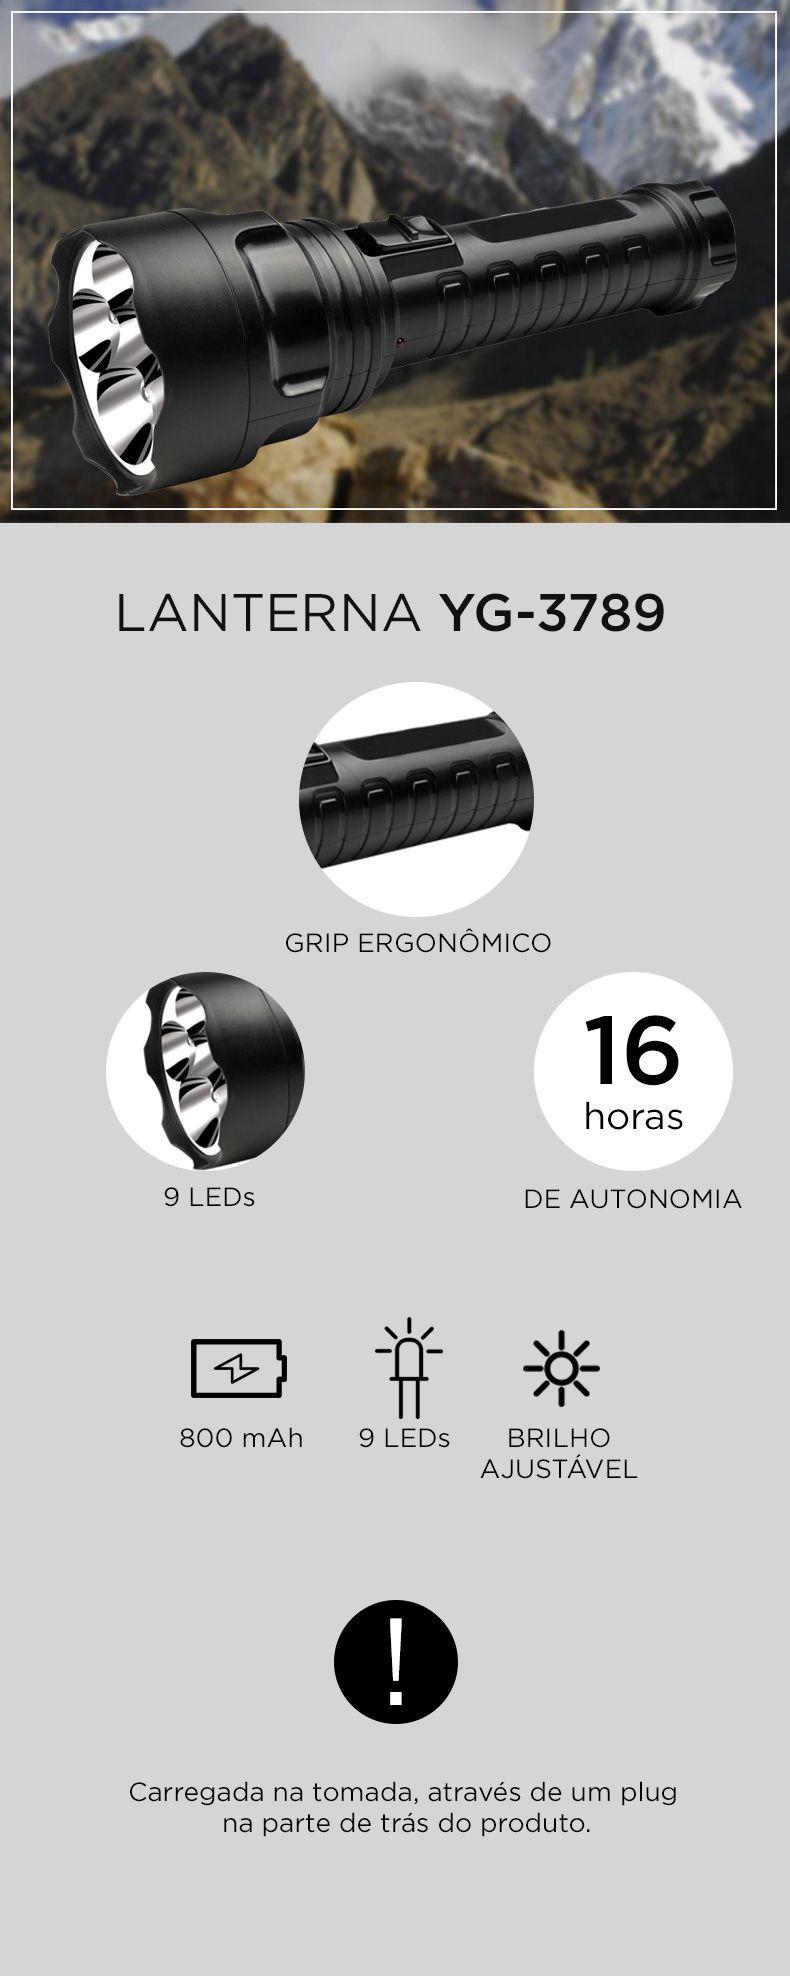 Lanterna YG-3789